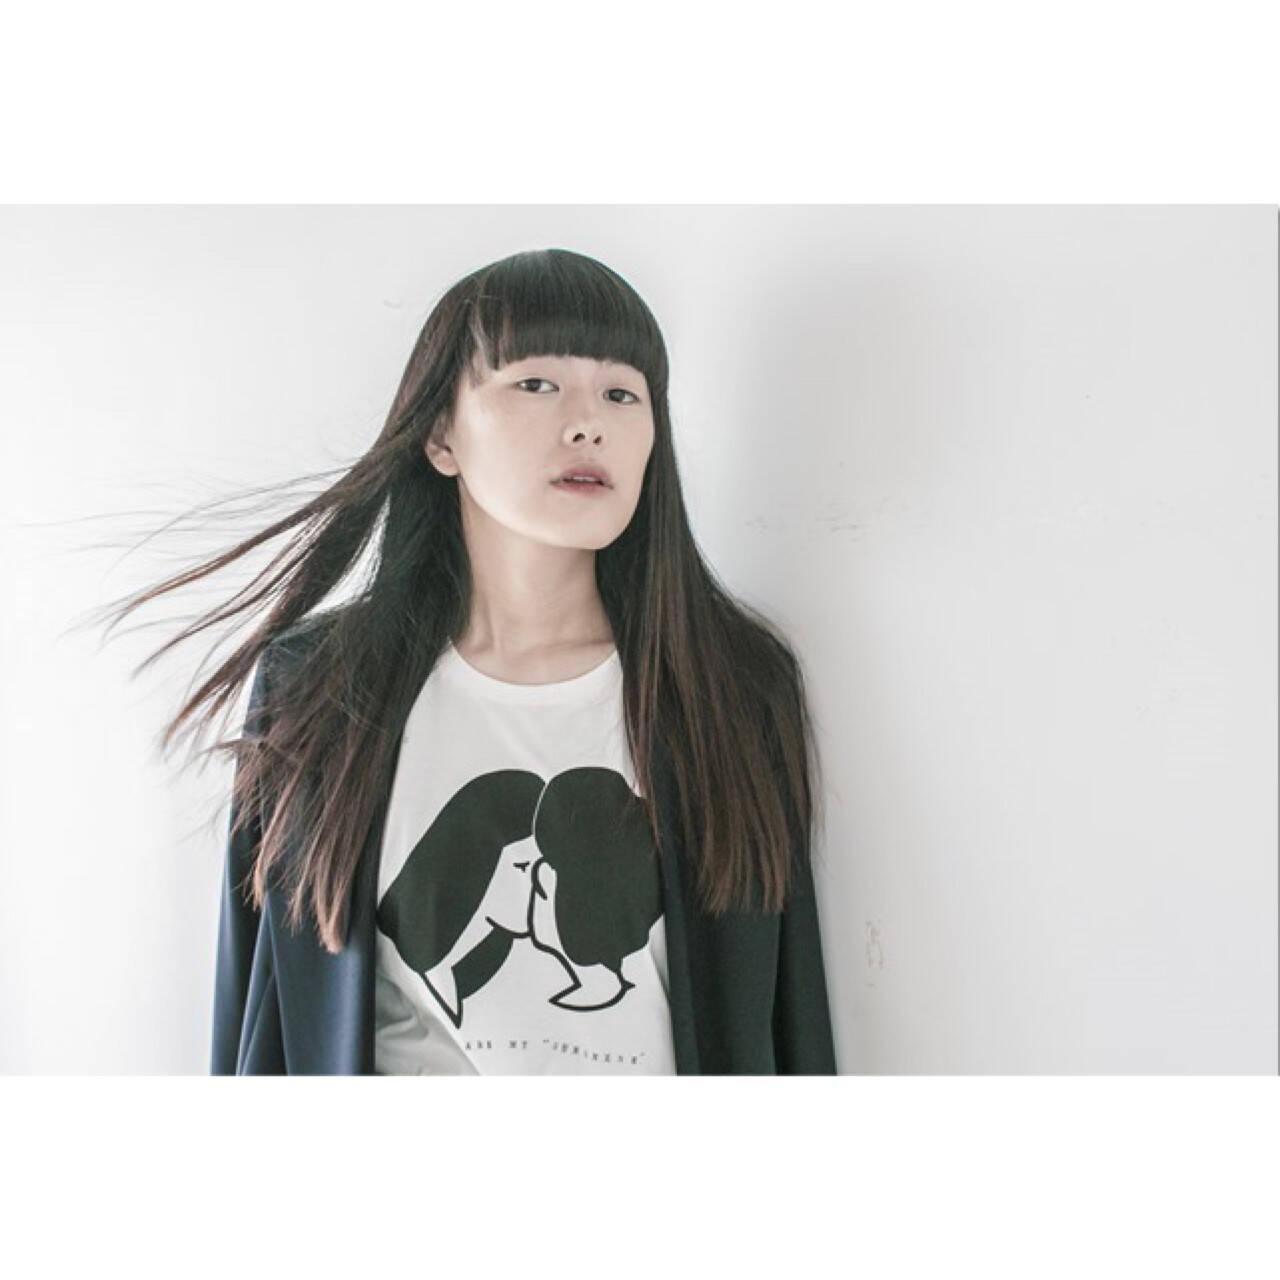 黒髪 ストレート モード ロングヘアスタイルや髪型の写真・画像